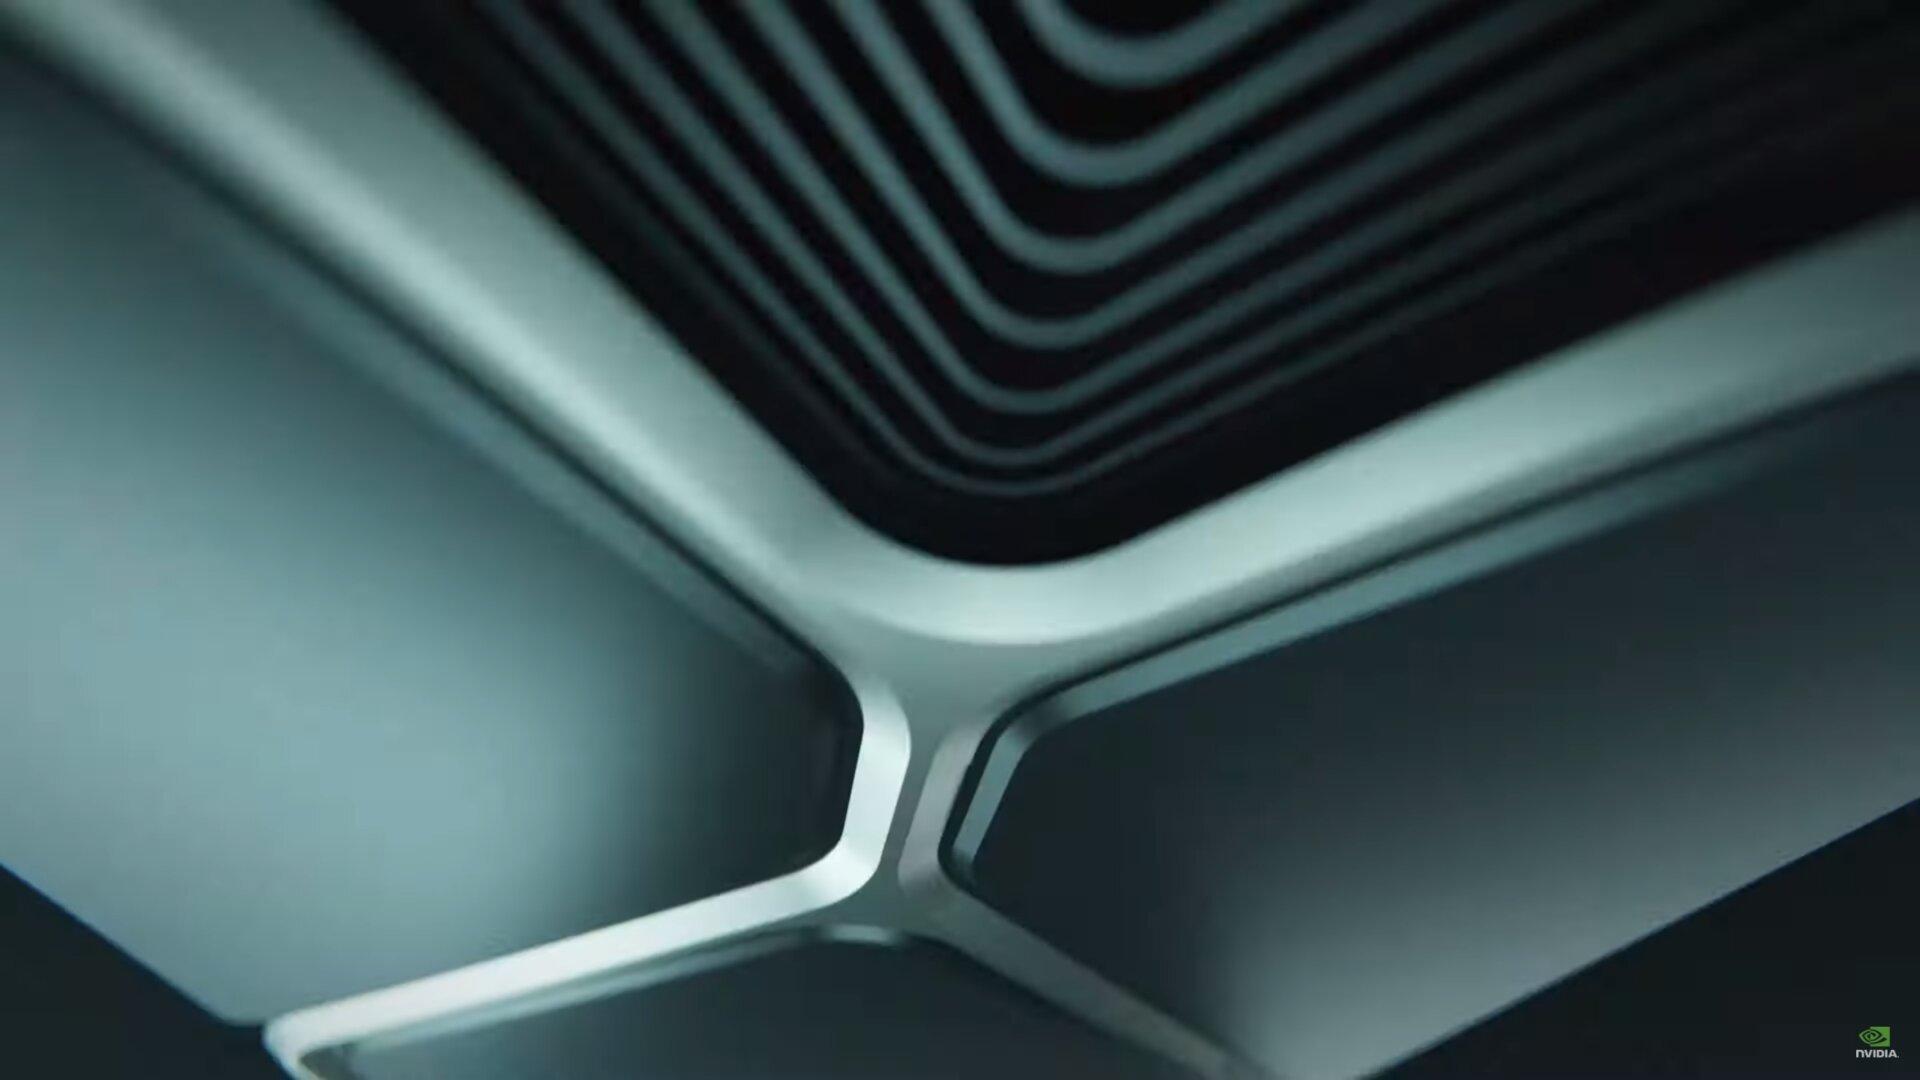 Ein kurzer Blick auf den Kühler der GeForce RTX 3000 FE